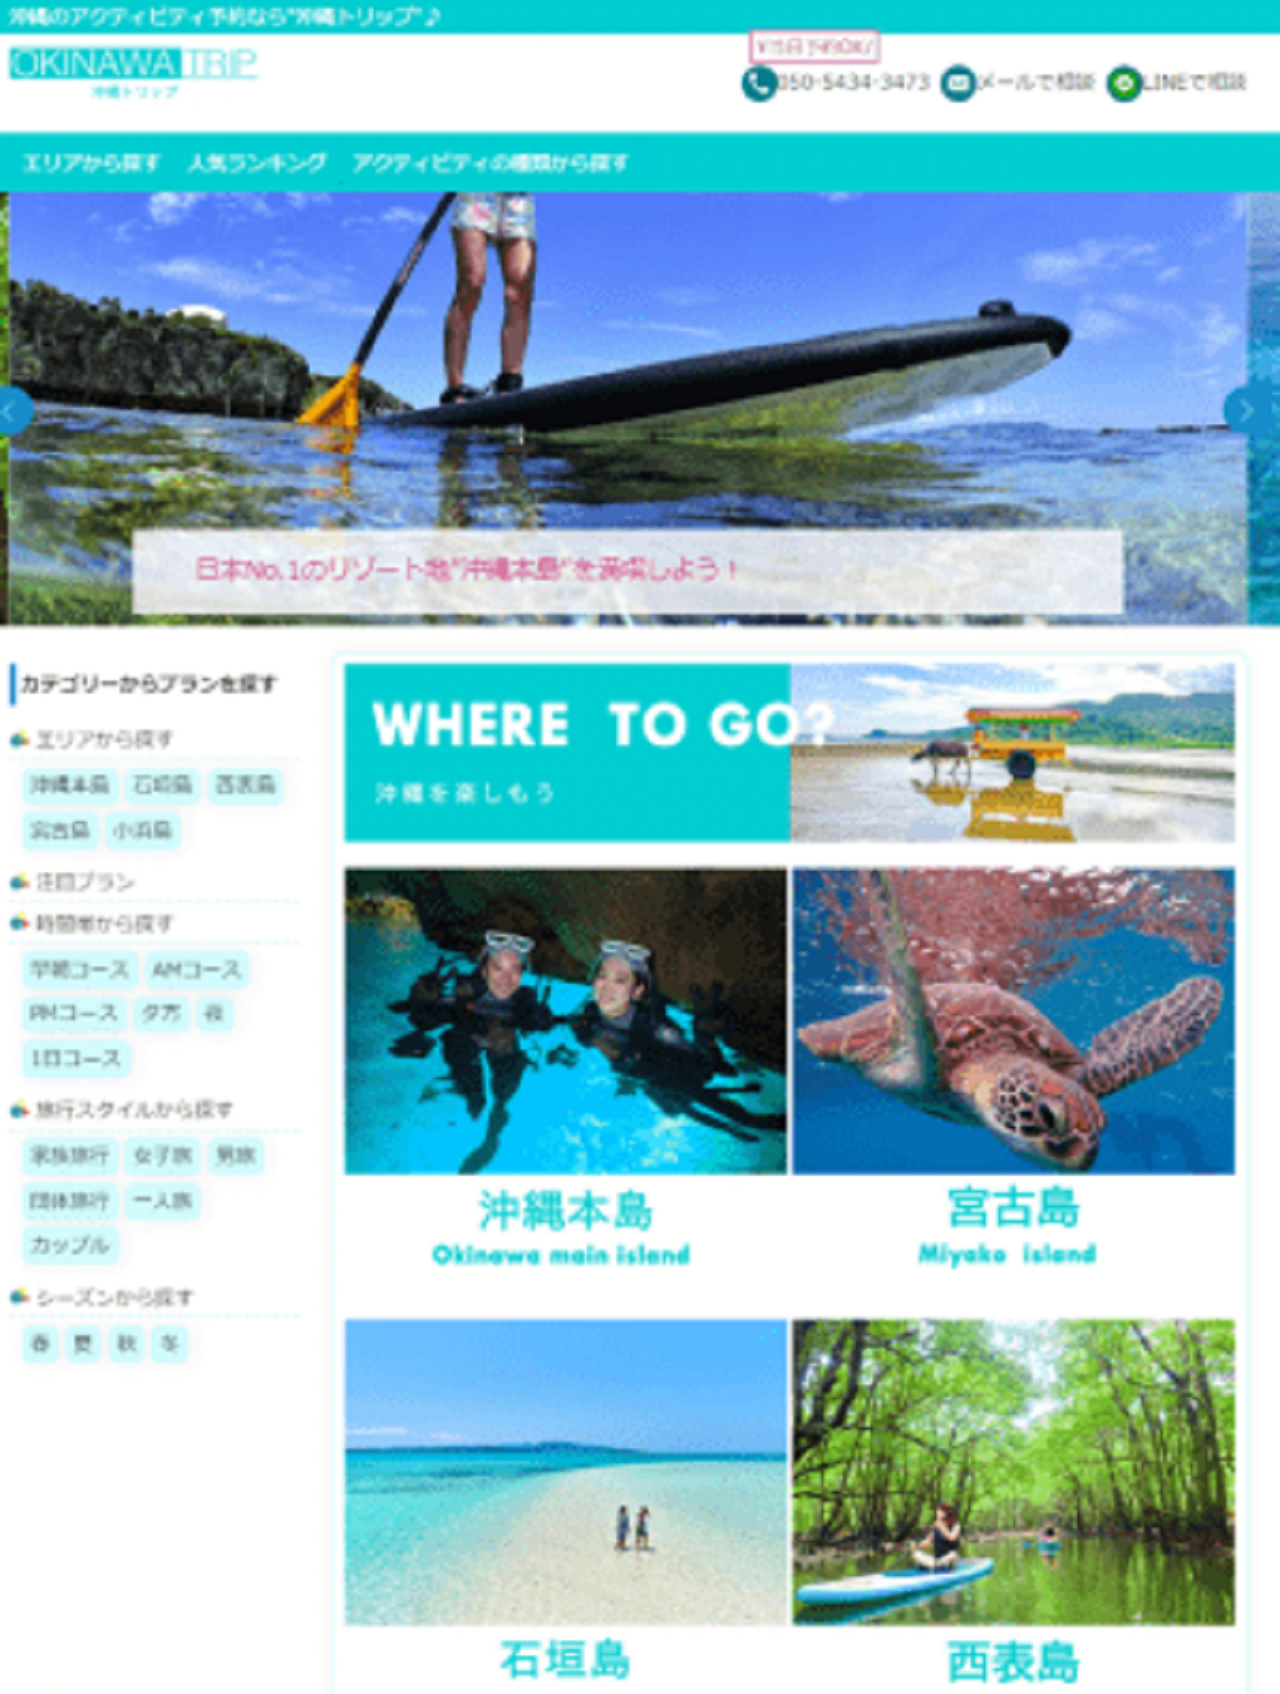 「沖縄トリップ」サイトイメージ